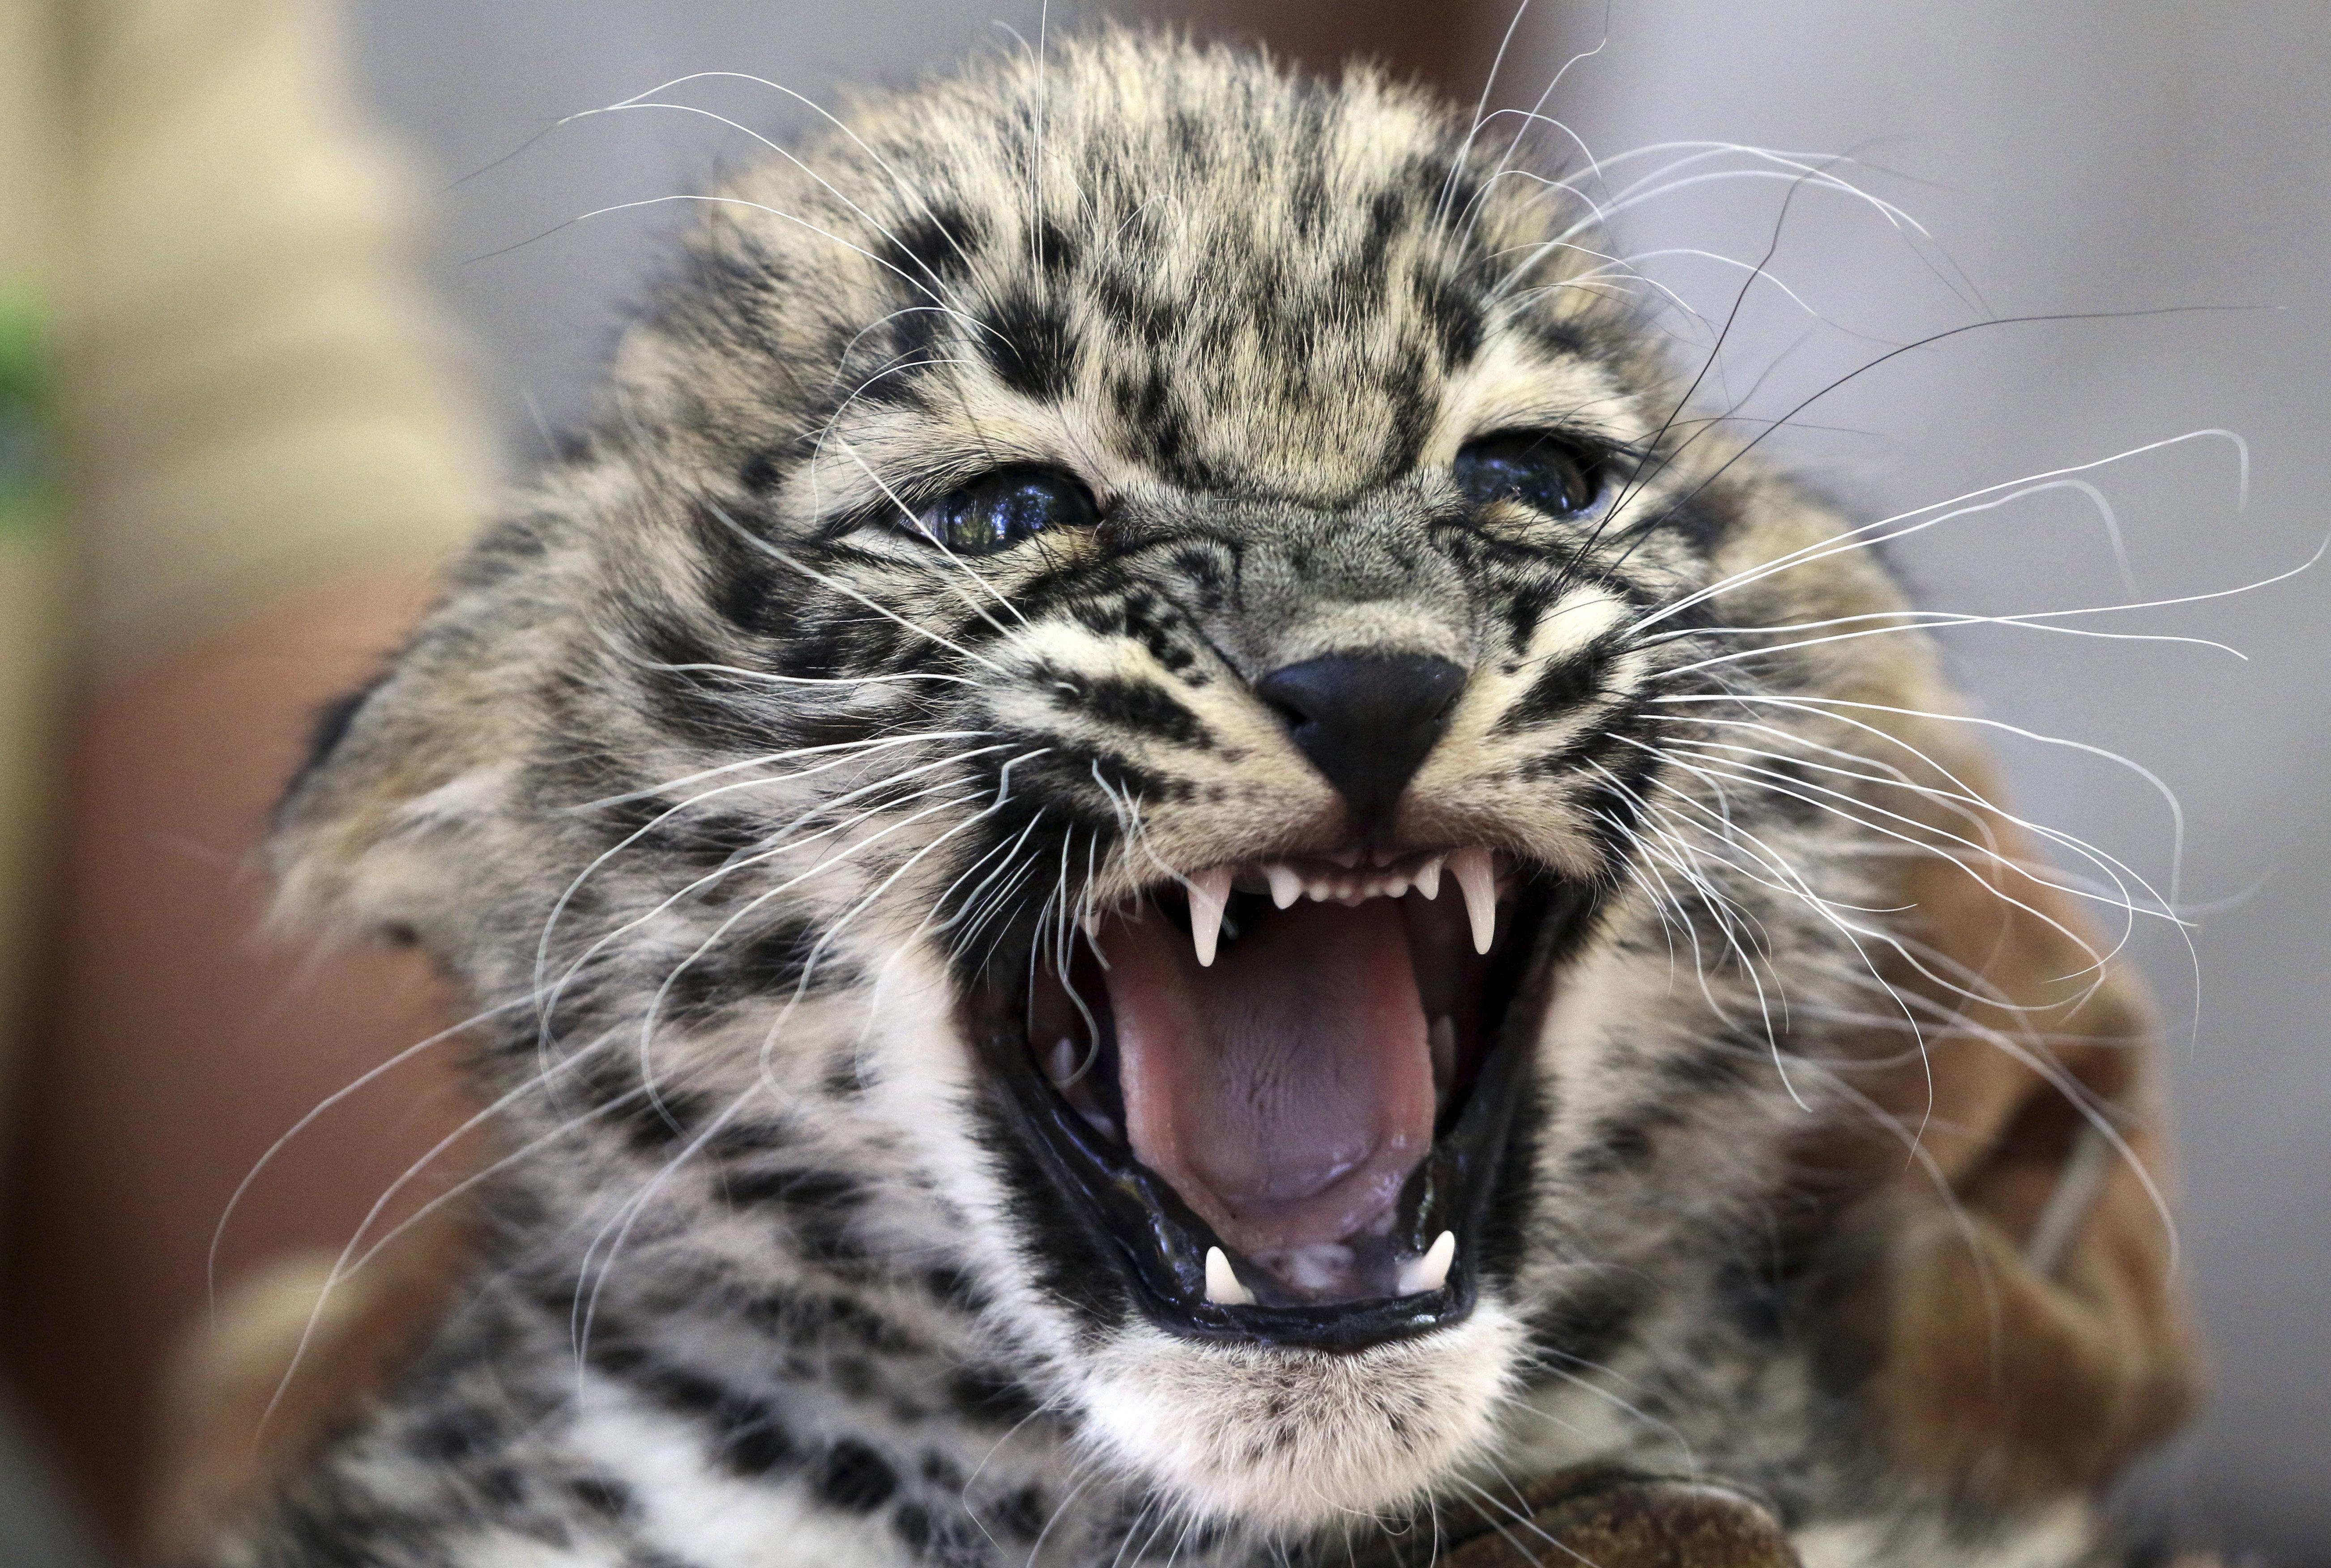 Még csak két hónapos, de máris szívből gyűlöli a fotózásokat a miskolci állatkert perzsa leopárdja